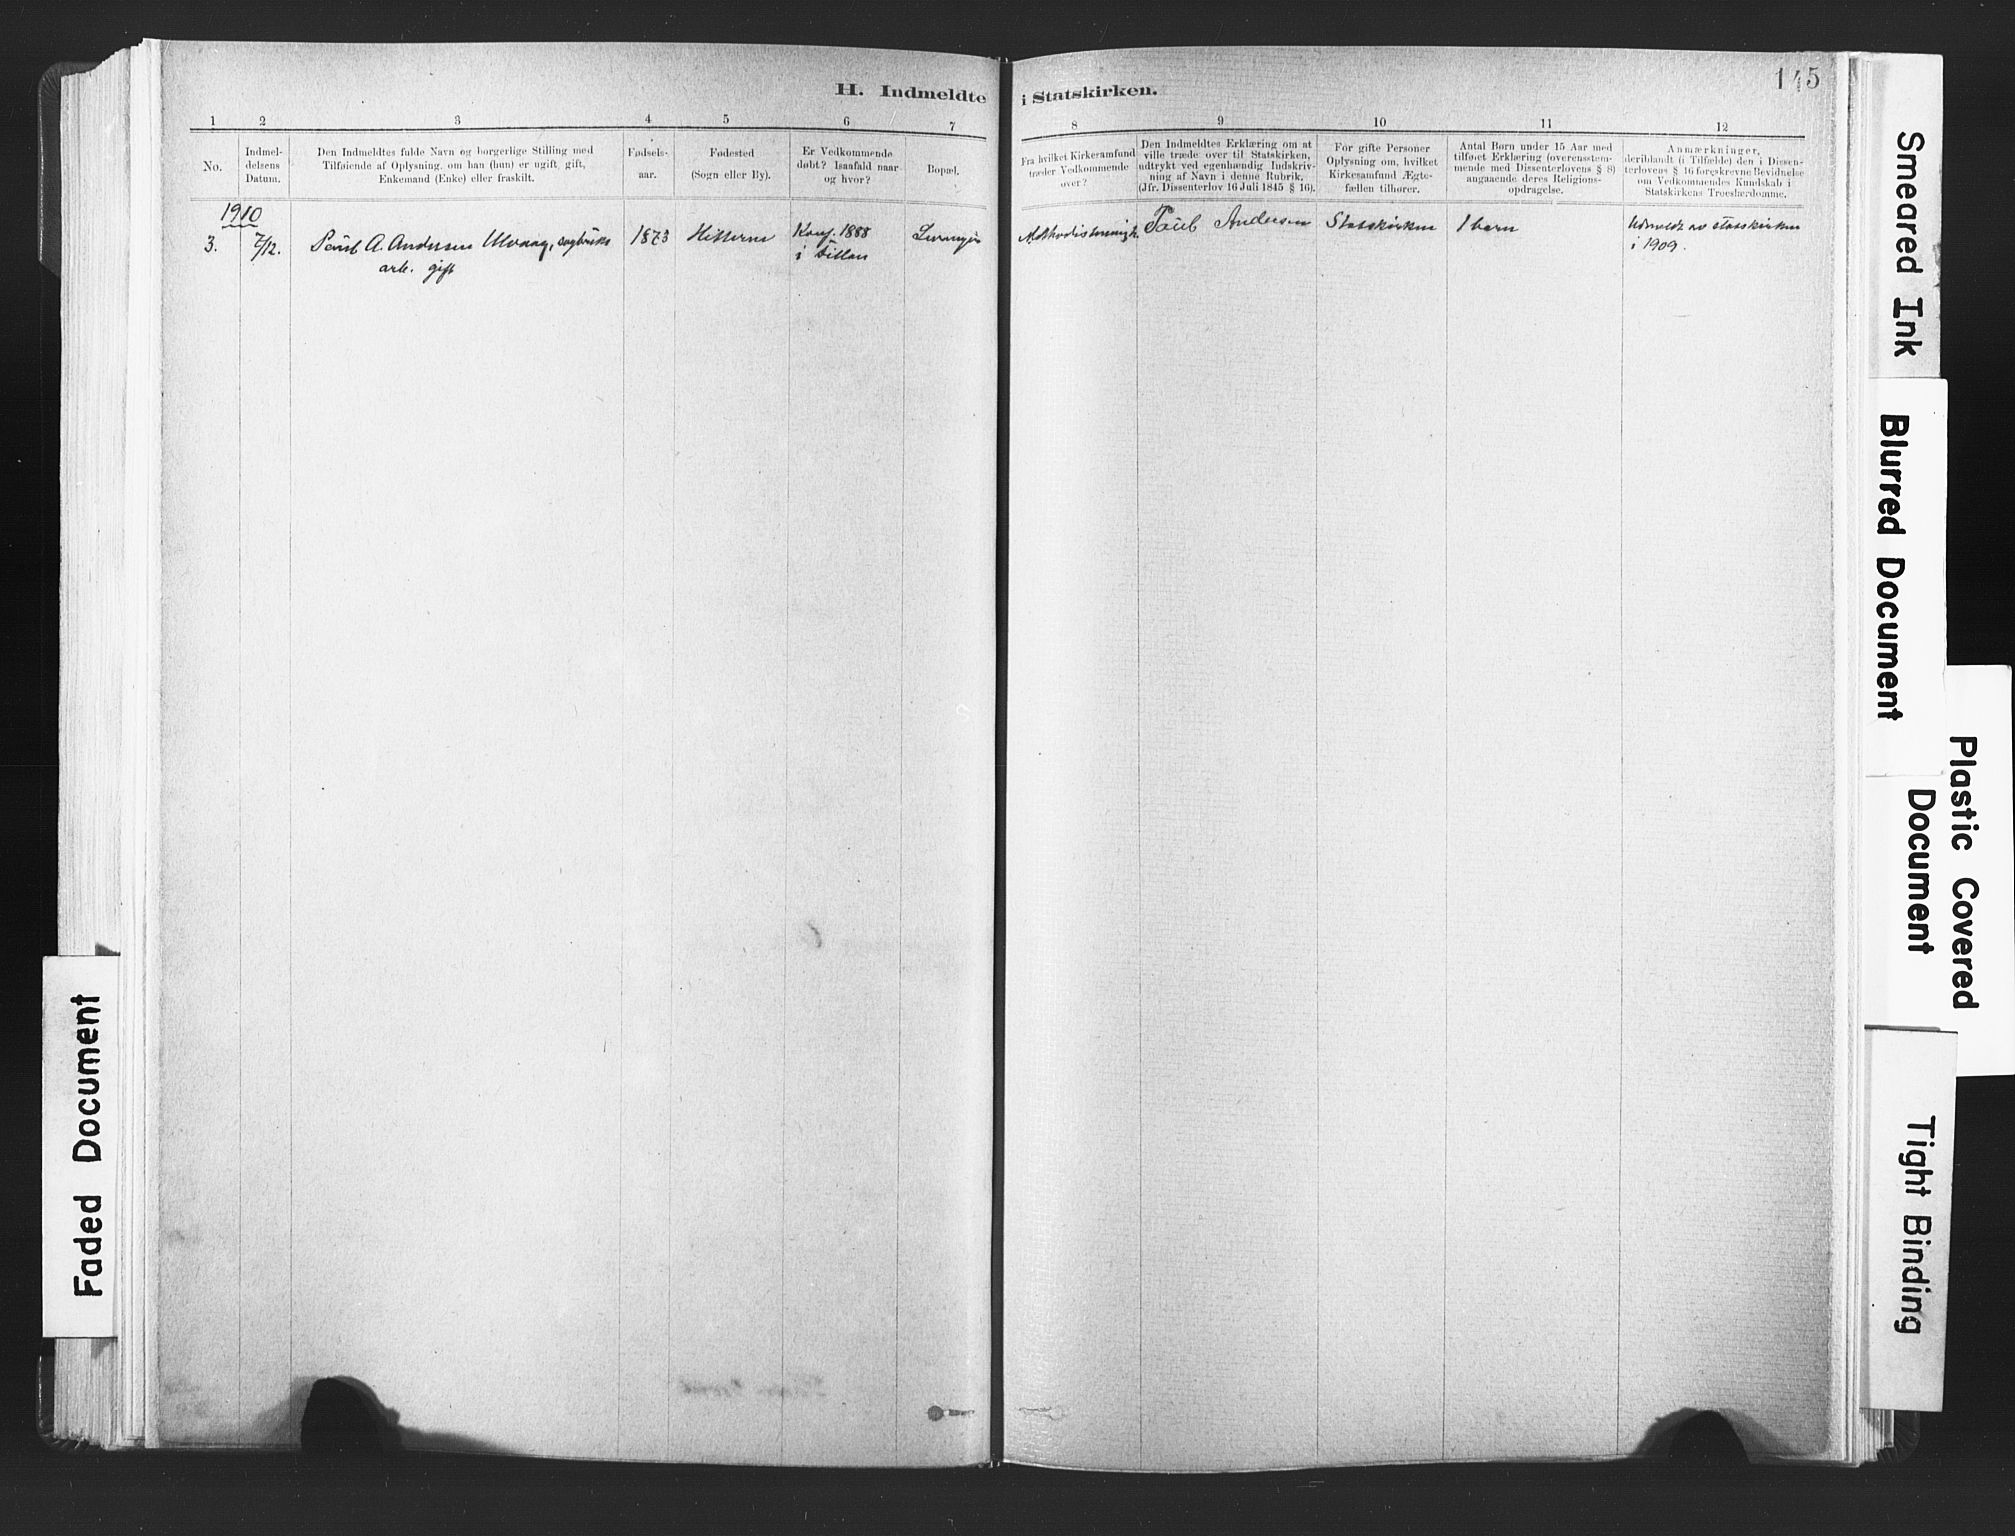 SAT, Ministerialprotokoller, klokkerbøker og fødselsregistre - Nord-Trøndelag, 720/L0189: Ministerialbok nr. 720A05, 1880-1911, s. 145